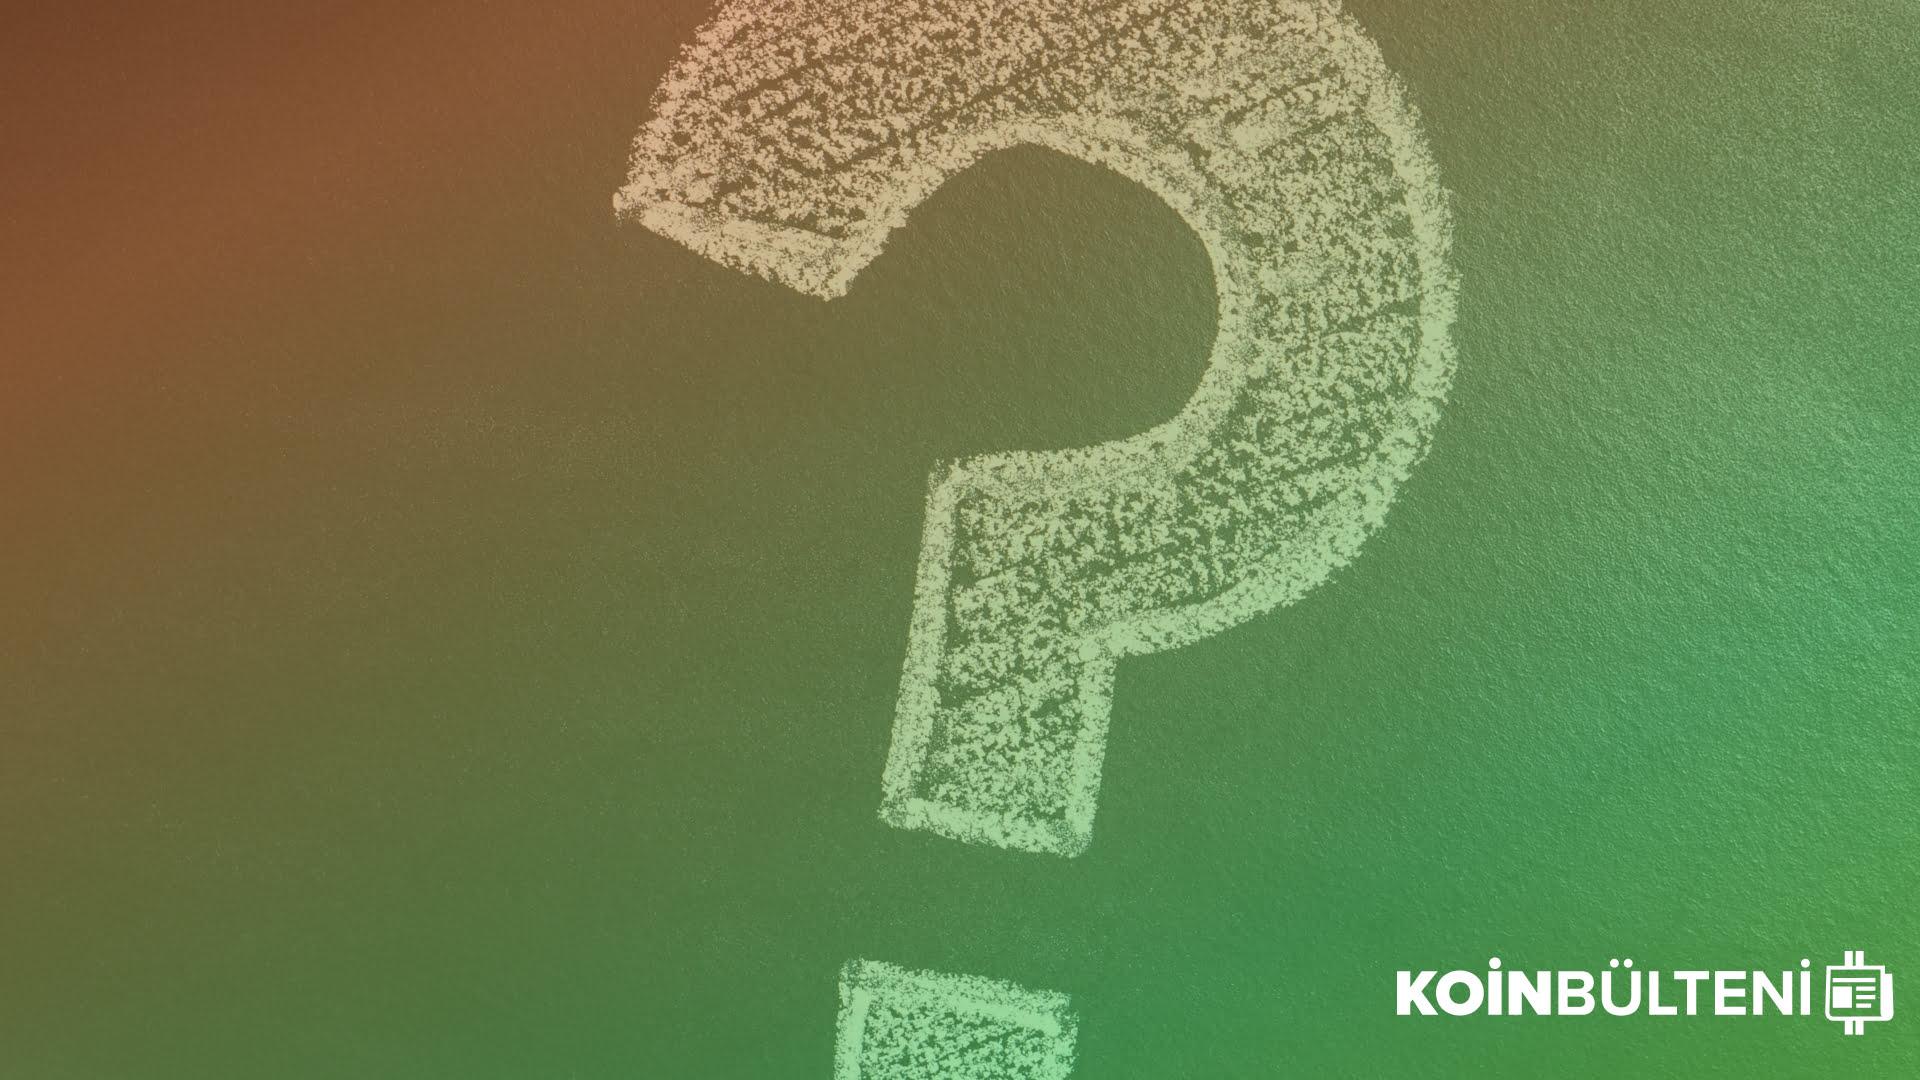 bitcoin-btc-neden-yukselmiyor-fiyat-dolar-lira-alistair-milne